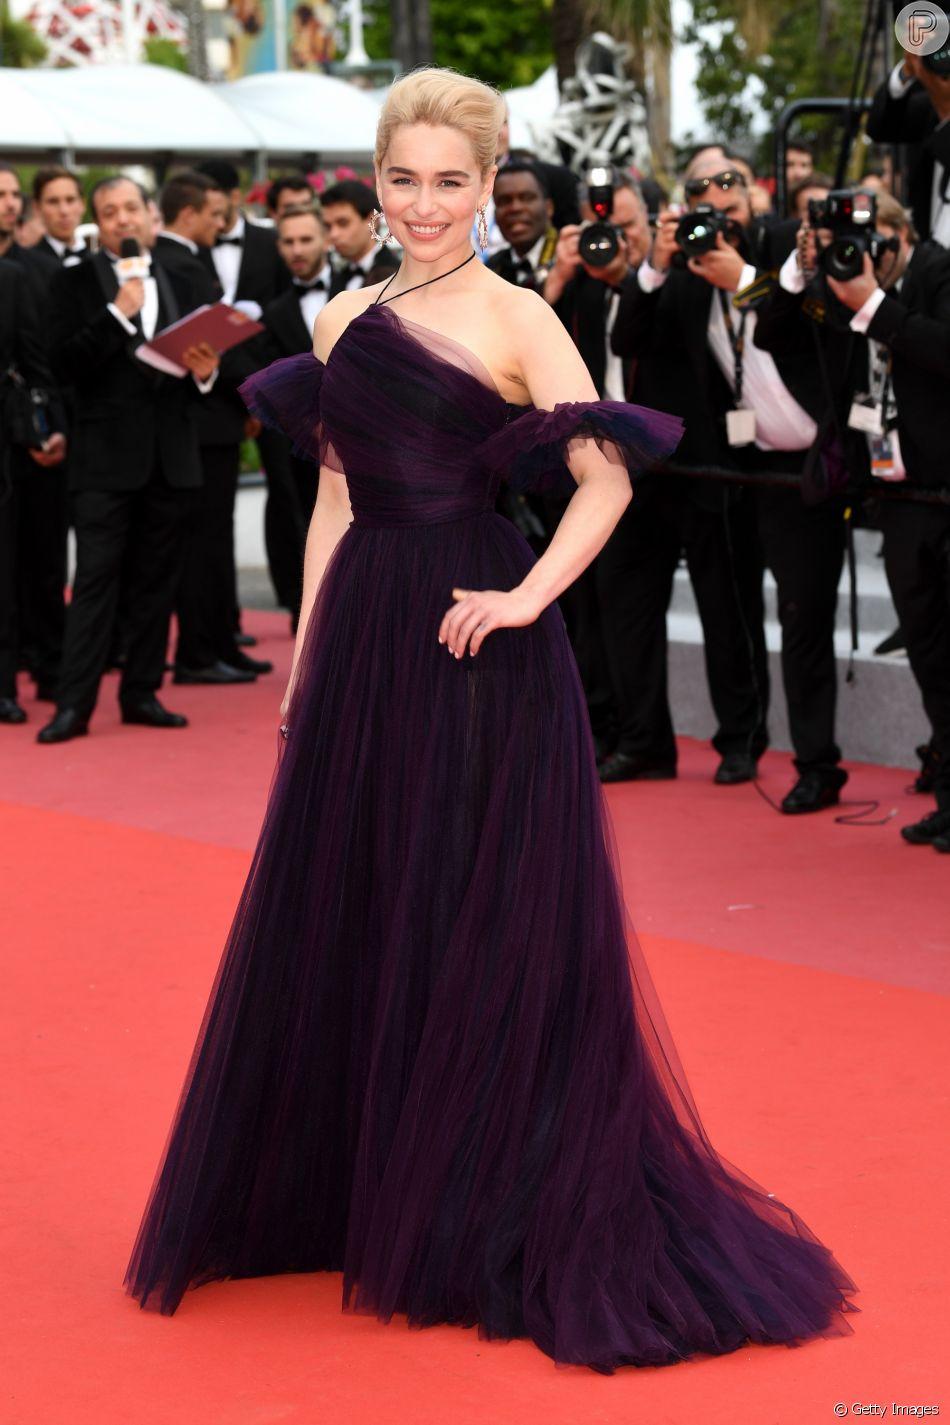 Emilia Clarke elegeu look ultra violet e de tule para o lançamento do filme ' Han Solo: Uma História Star Wars', no Festival de Cannes, nesta terça-feira, 15 de maio de 2018